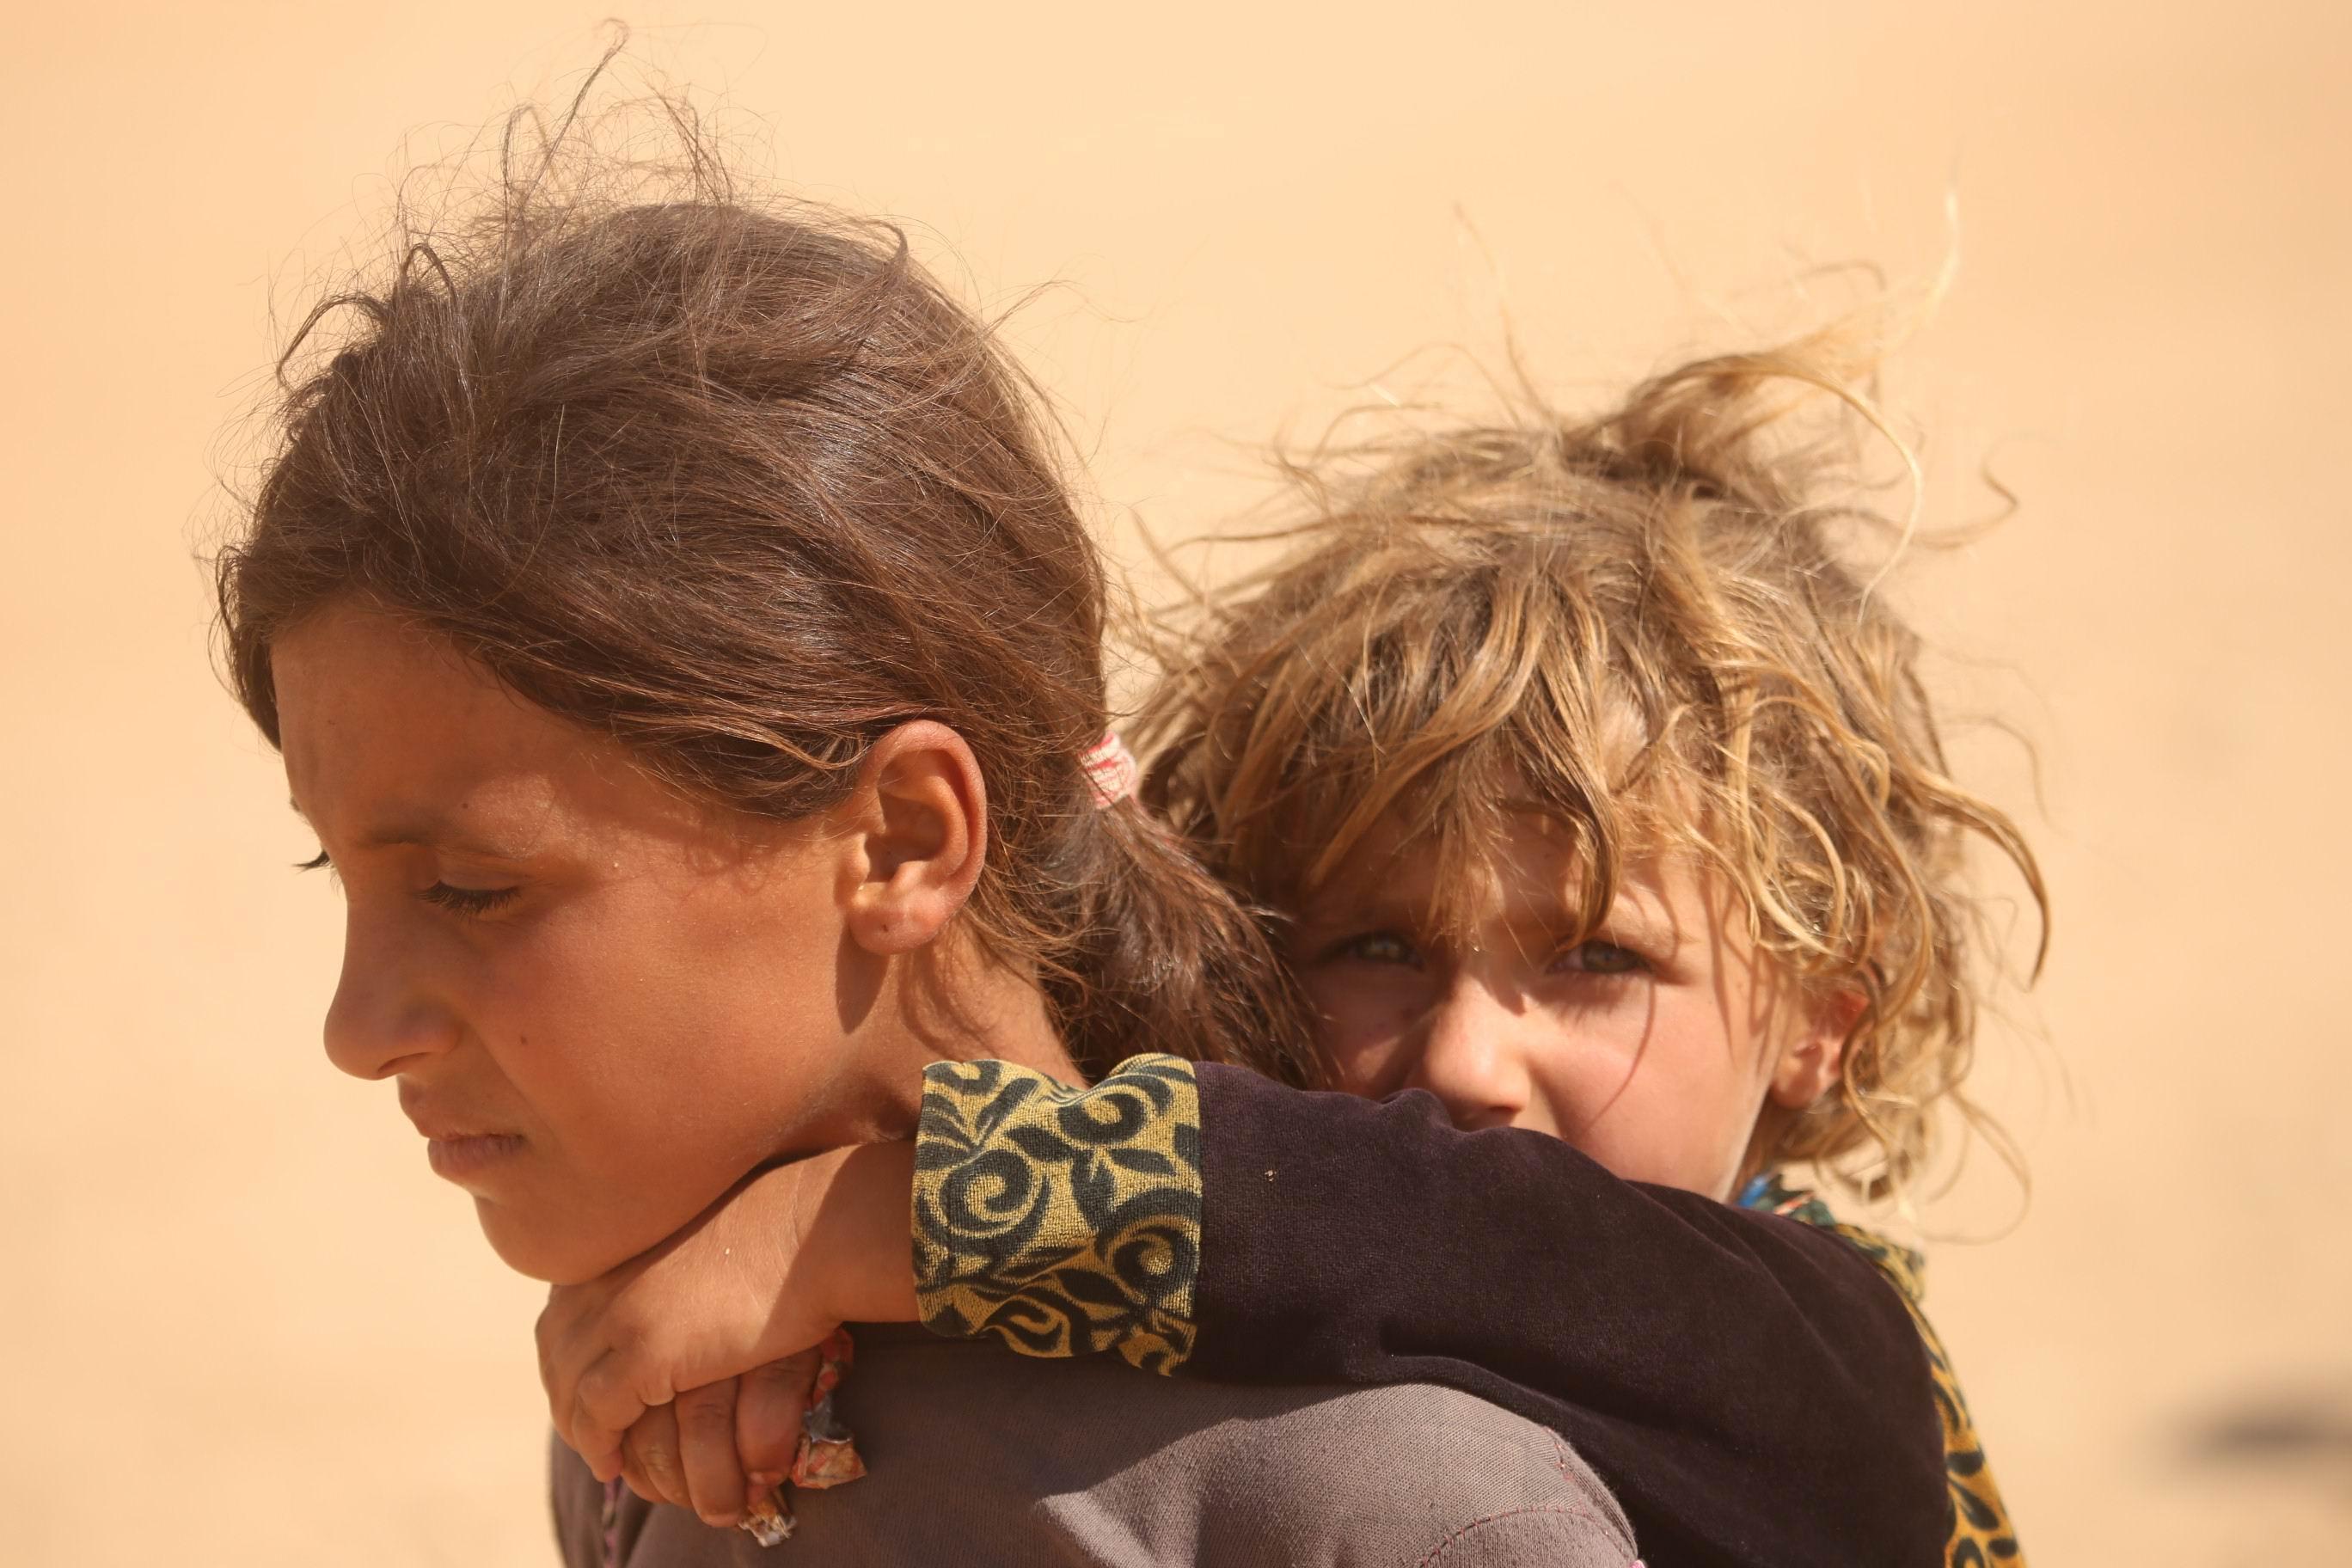 Photo prise pendant la fuite de la population de Shengal, à l'arrivée de Daesh, le 3 août 2014